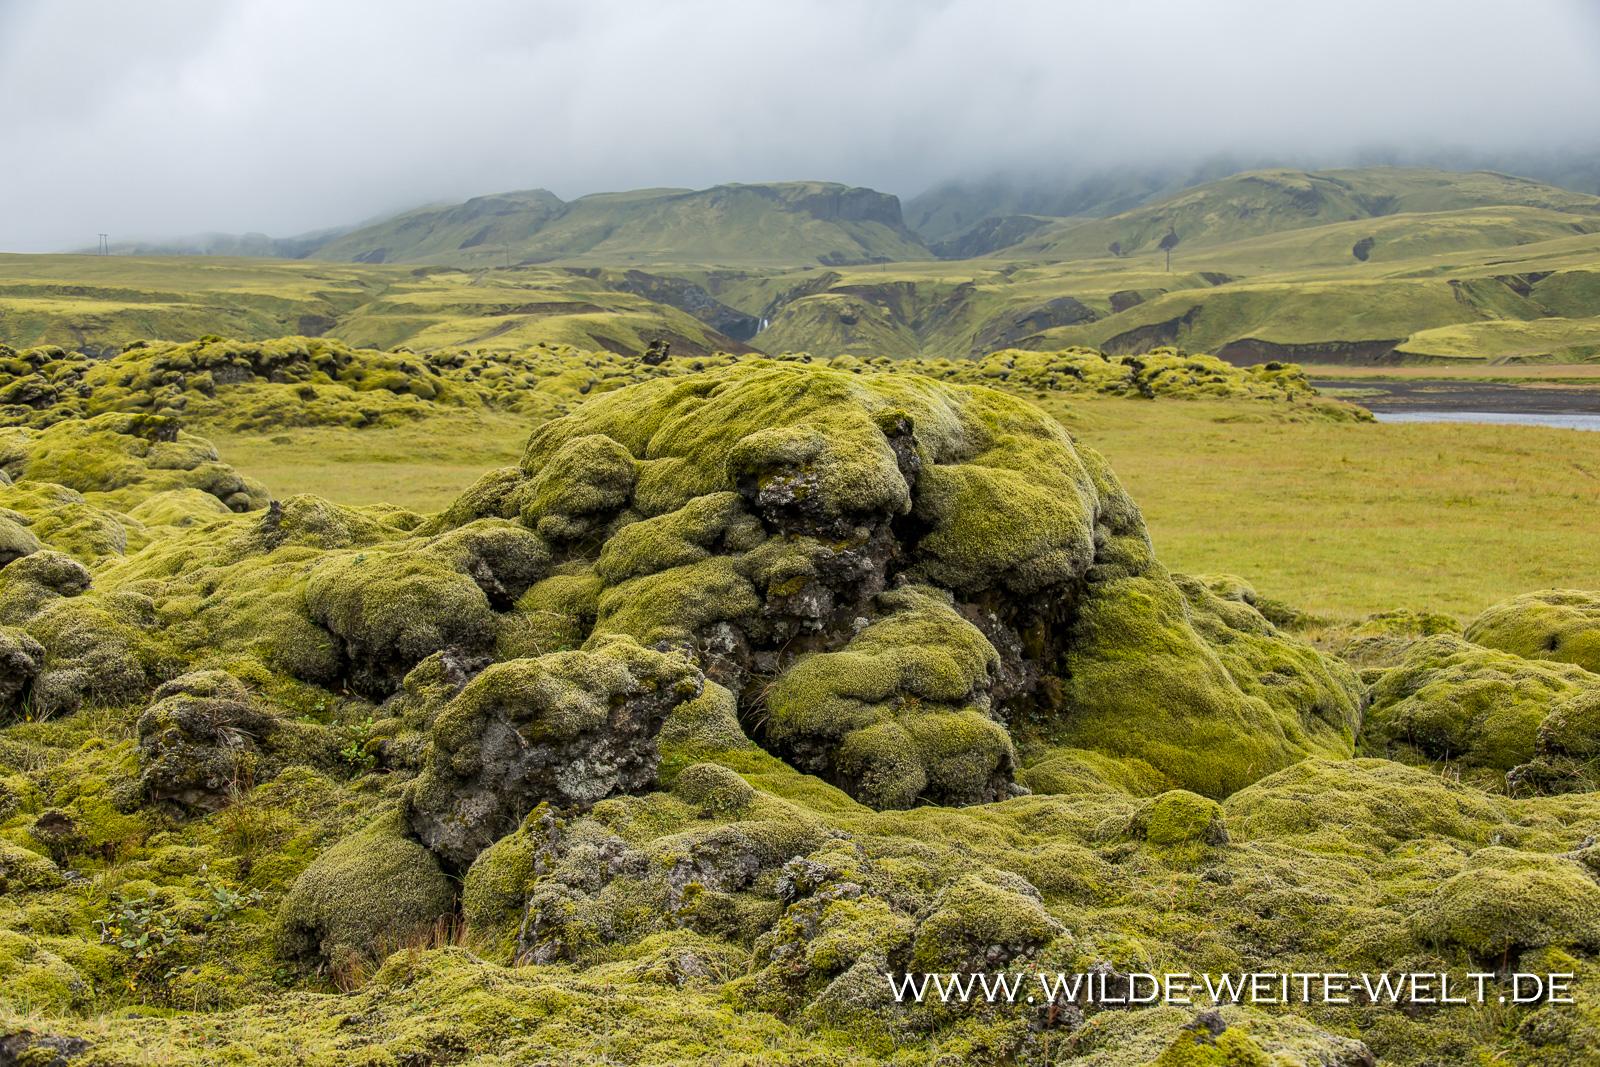 bernachtungsplatz-Gigar-Trailhead-Jökulheimar-F229-Island-2 Im Iveco Daily 4 x 4 durch Island 2020: Reiseroute und Zusammenfassung